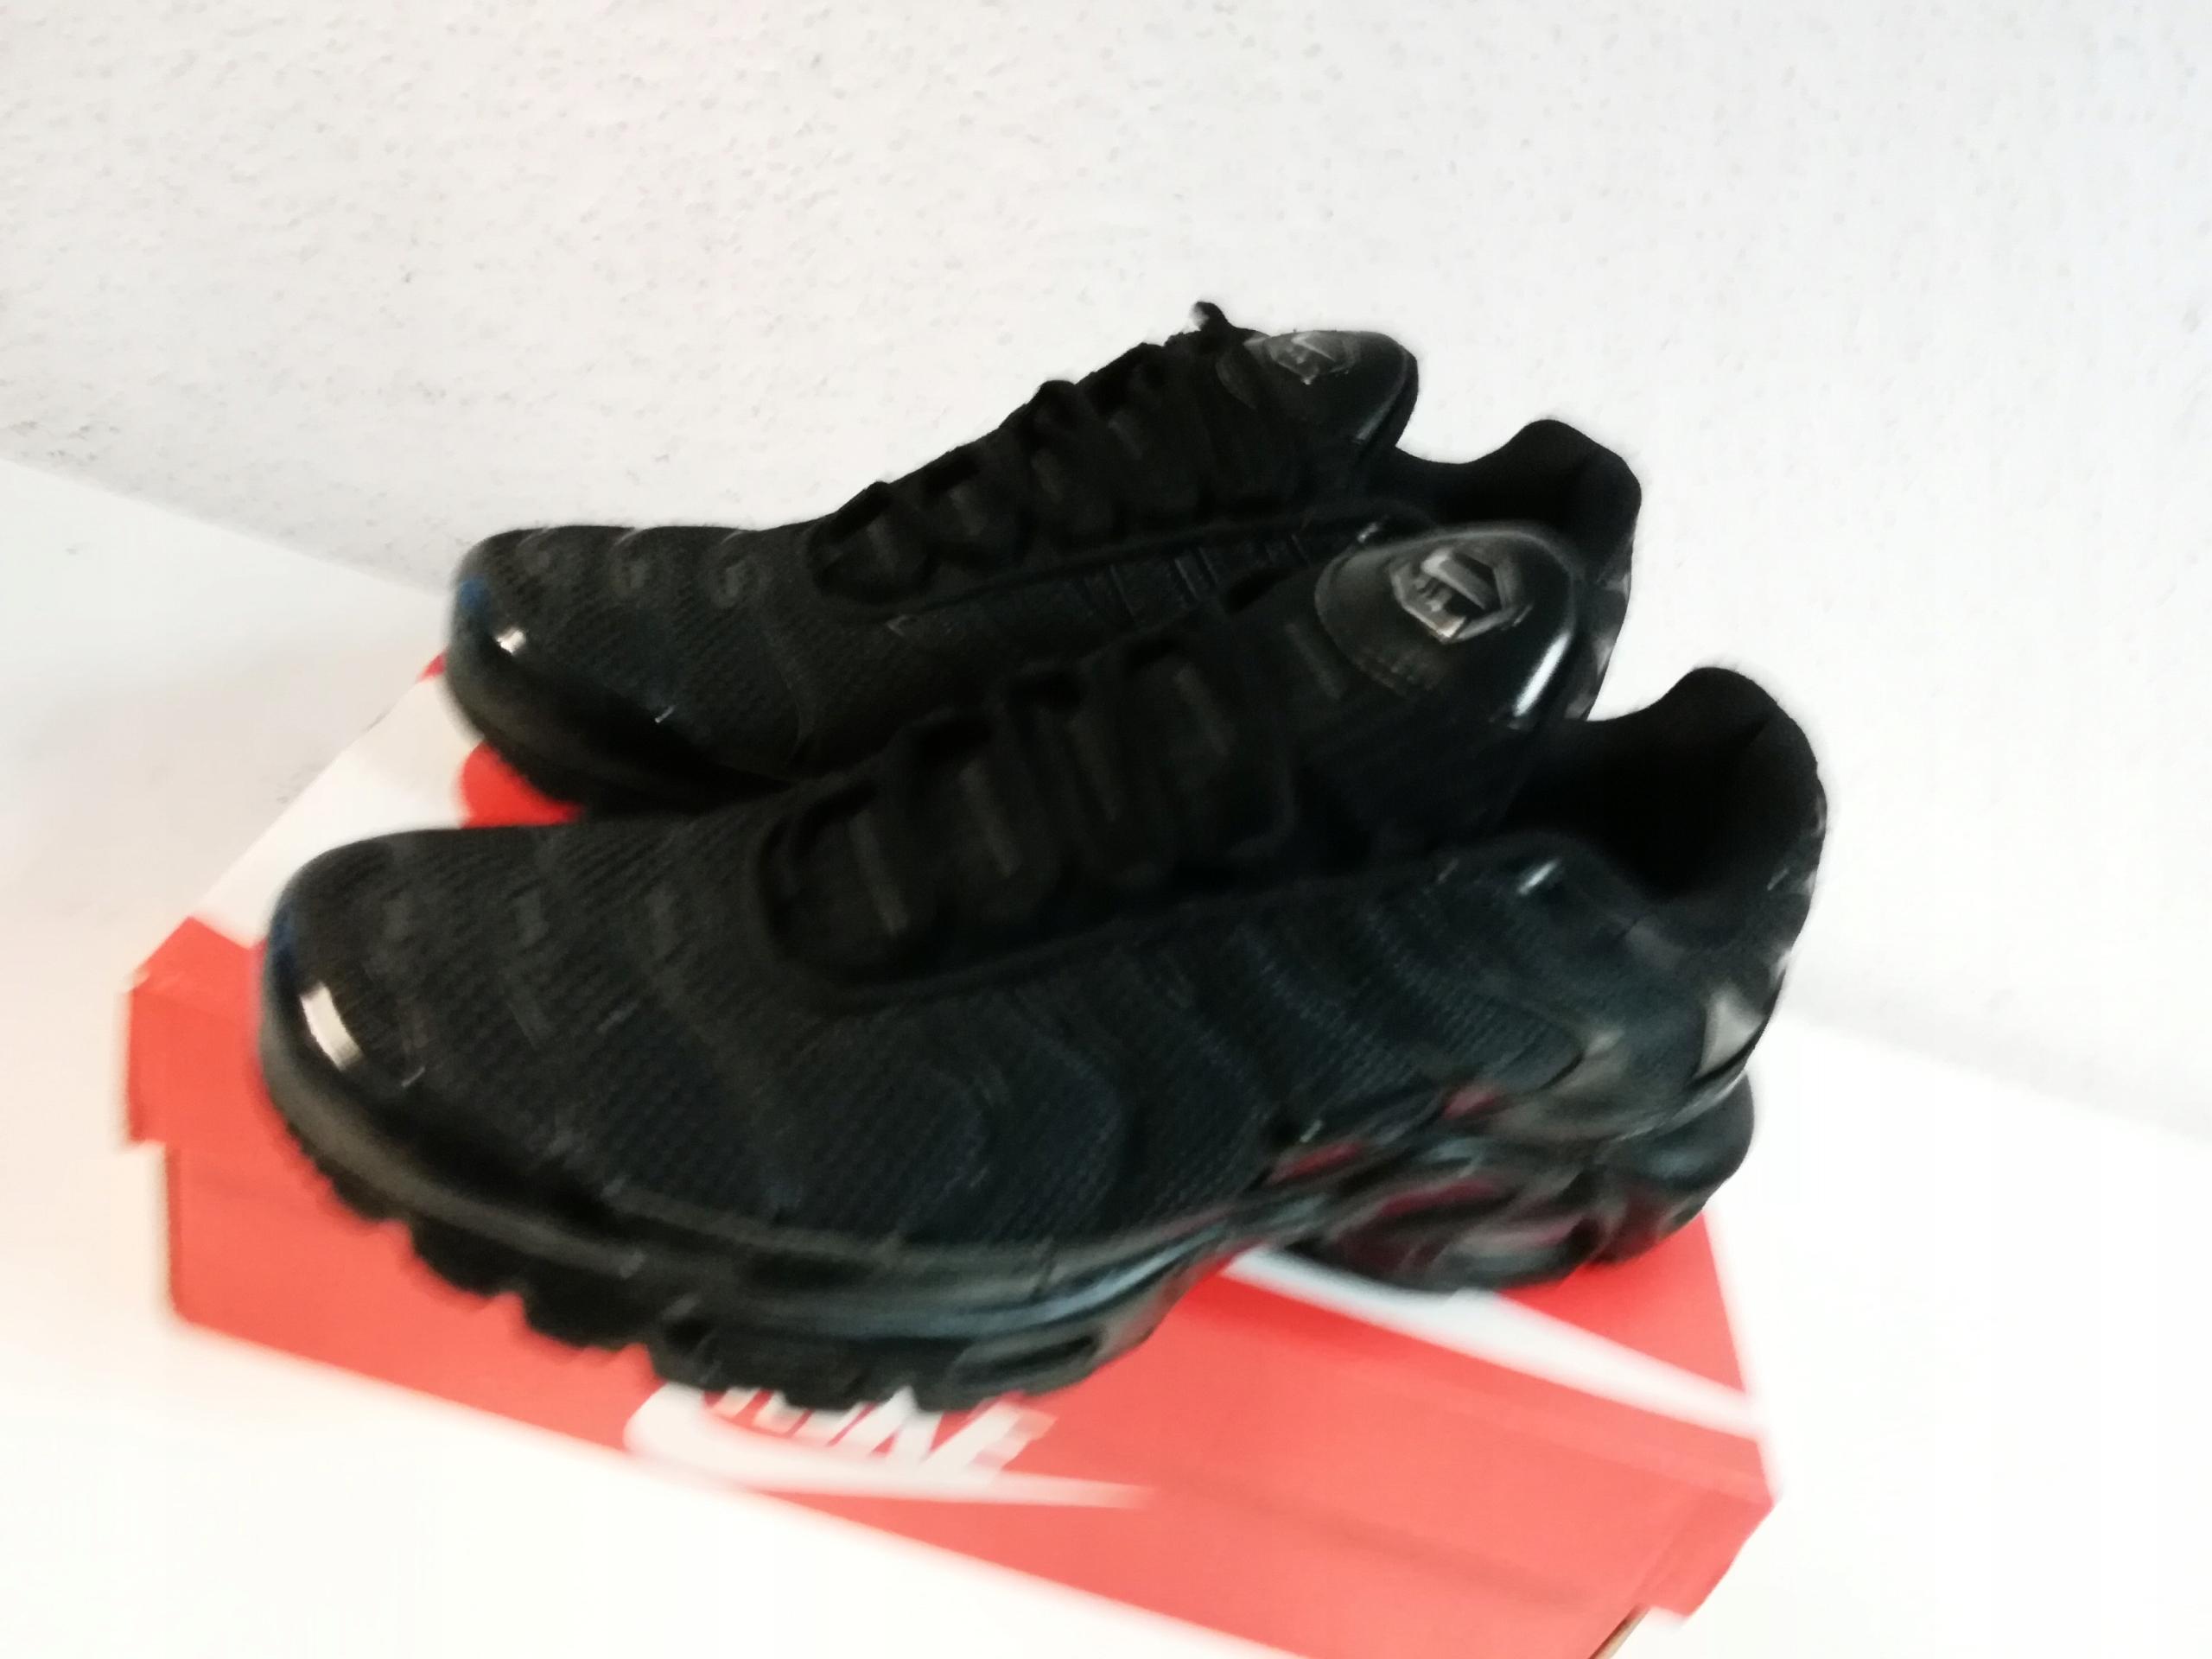 6fd91f60 Buty Nike Air Max Plus TN 604133050 r. 45 Używane - 7466216925 ...